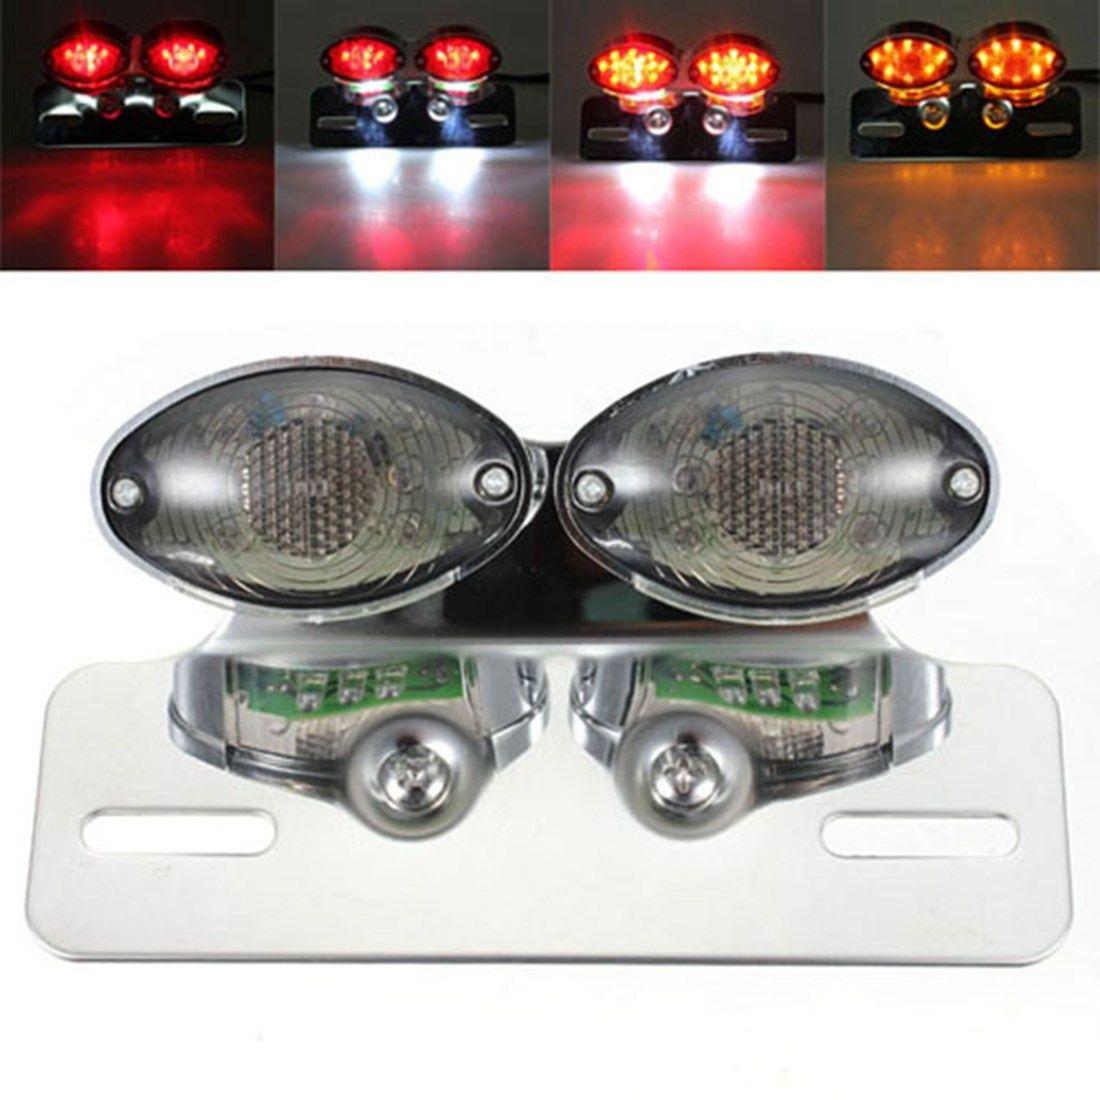 Smoked LED Cat Eye Turn Signal License Plate Brake Tail Light Motorcycle ATV